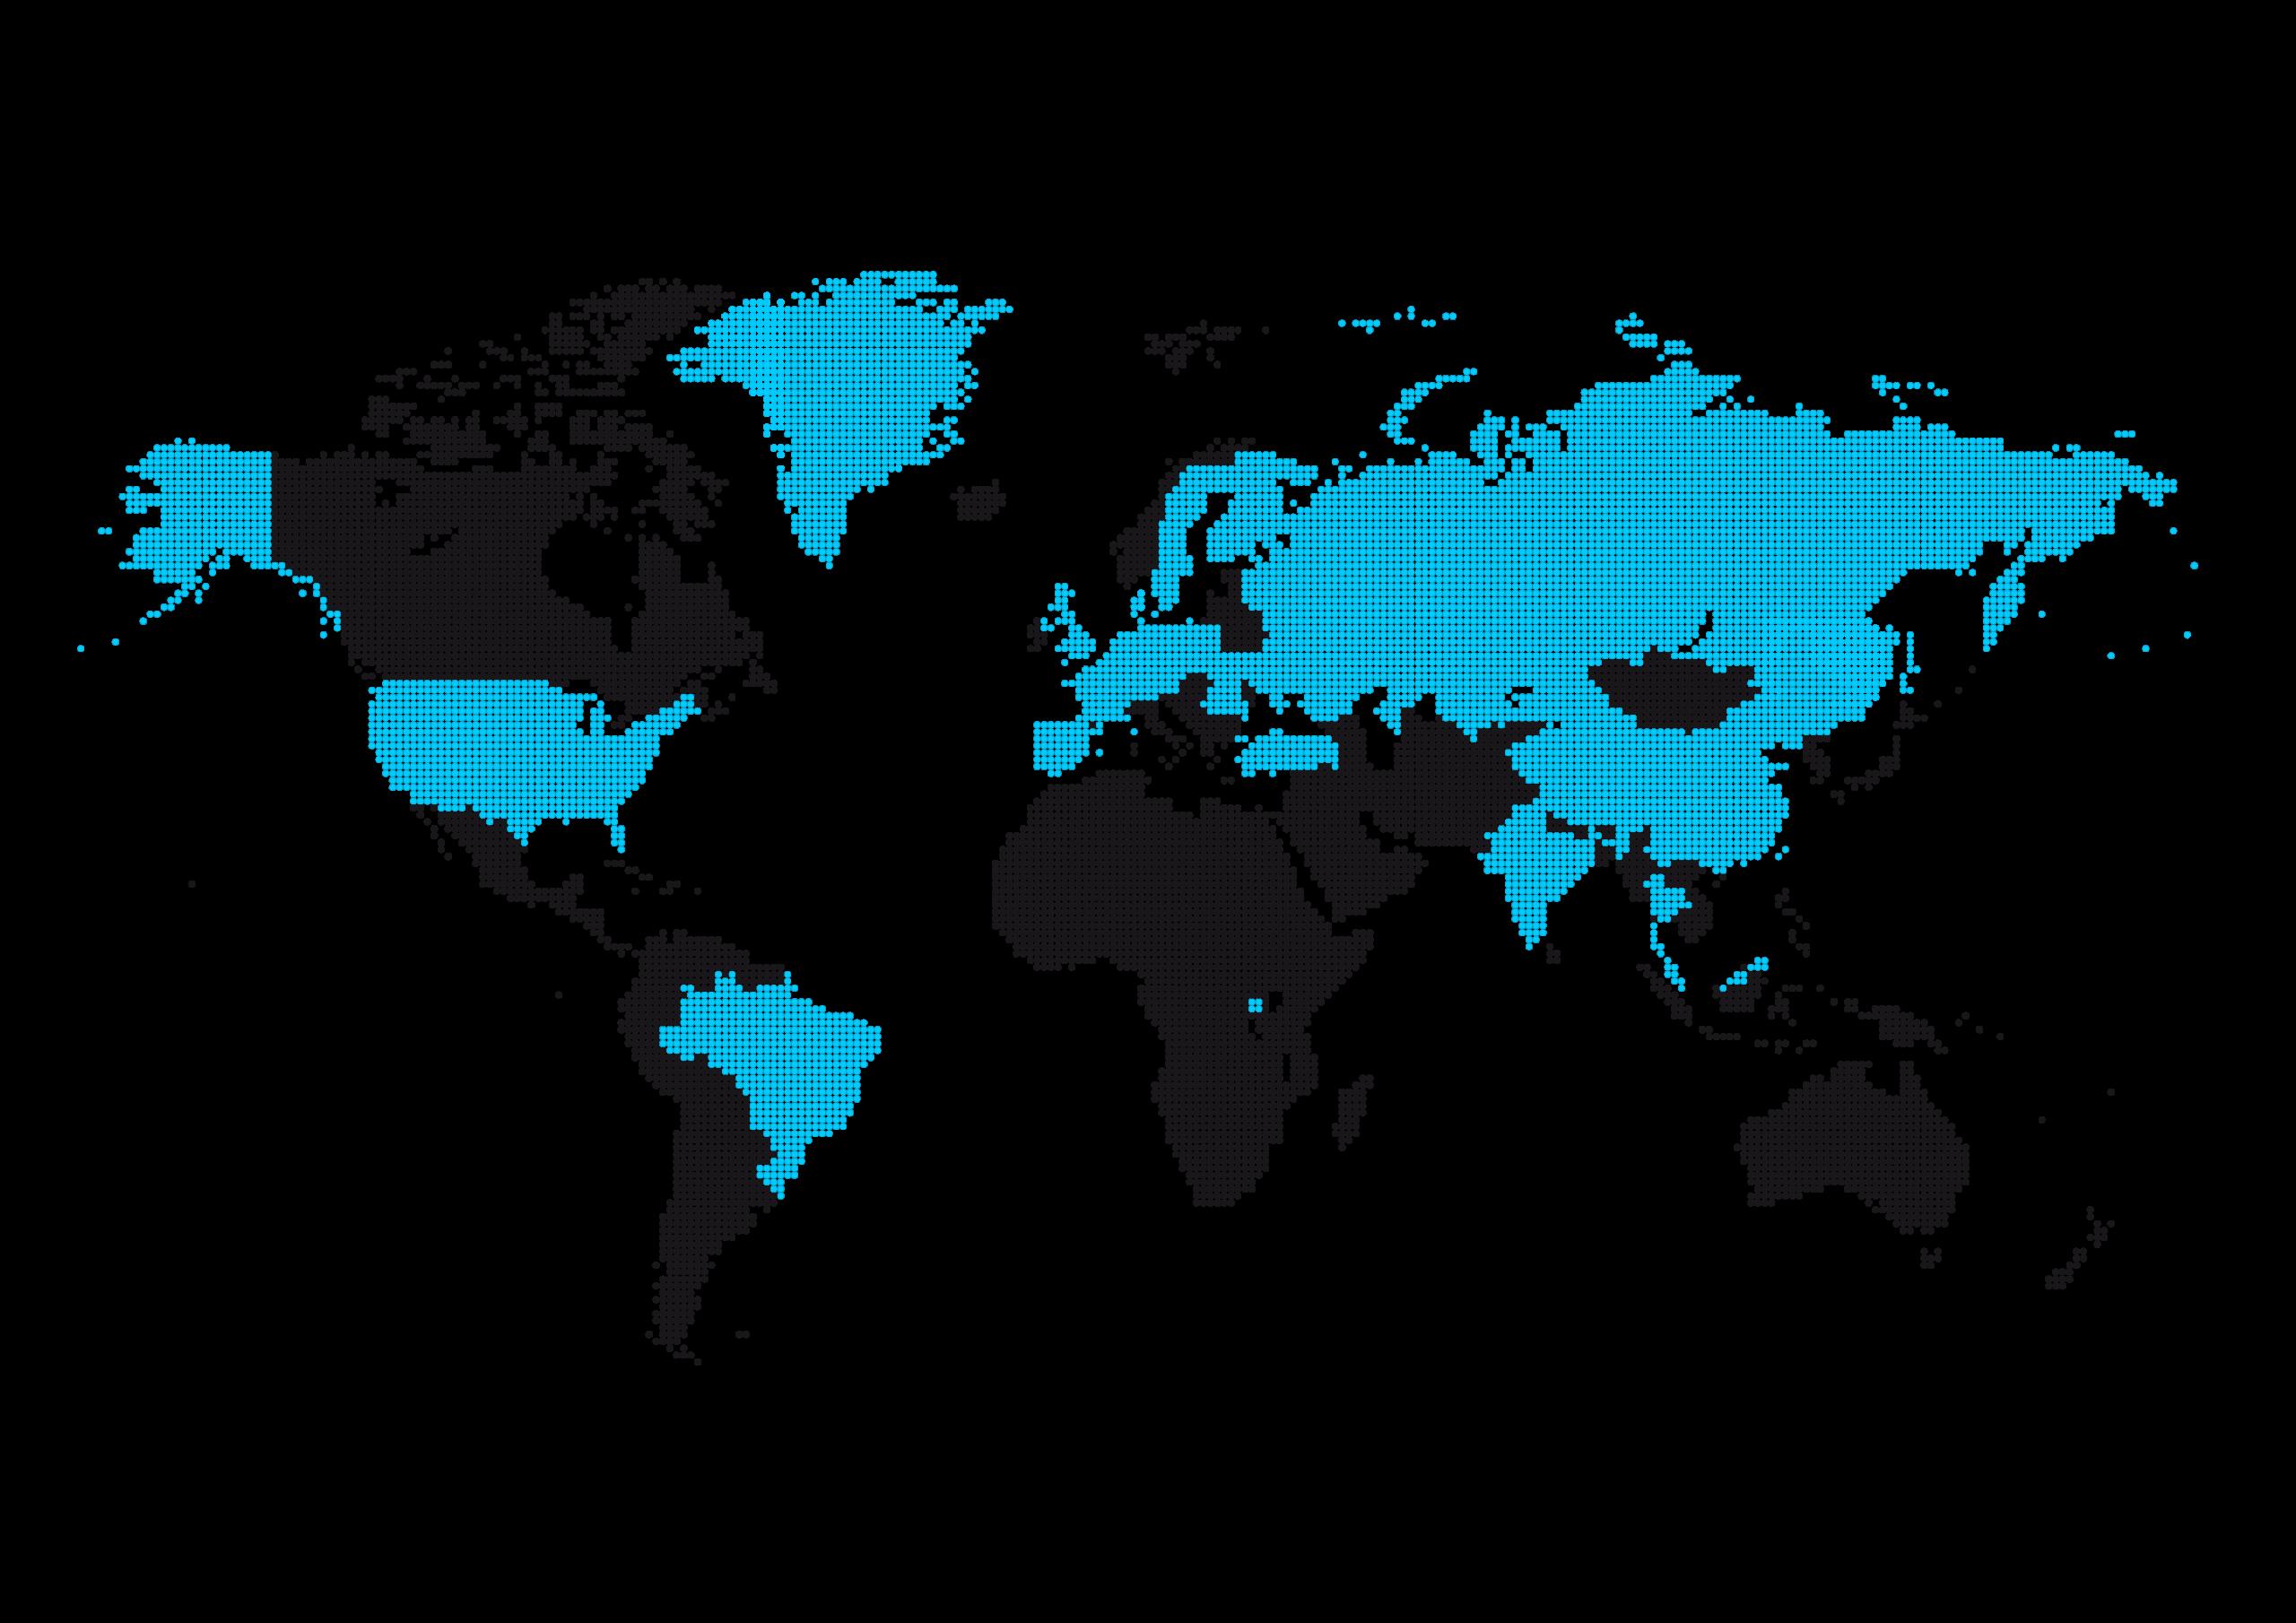 04_Weltkarte Punkte_blauer RGB